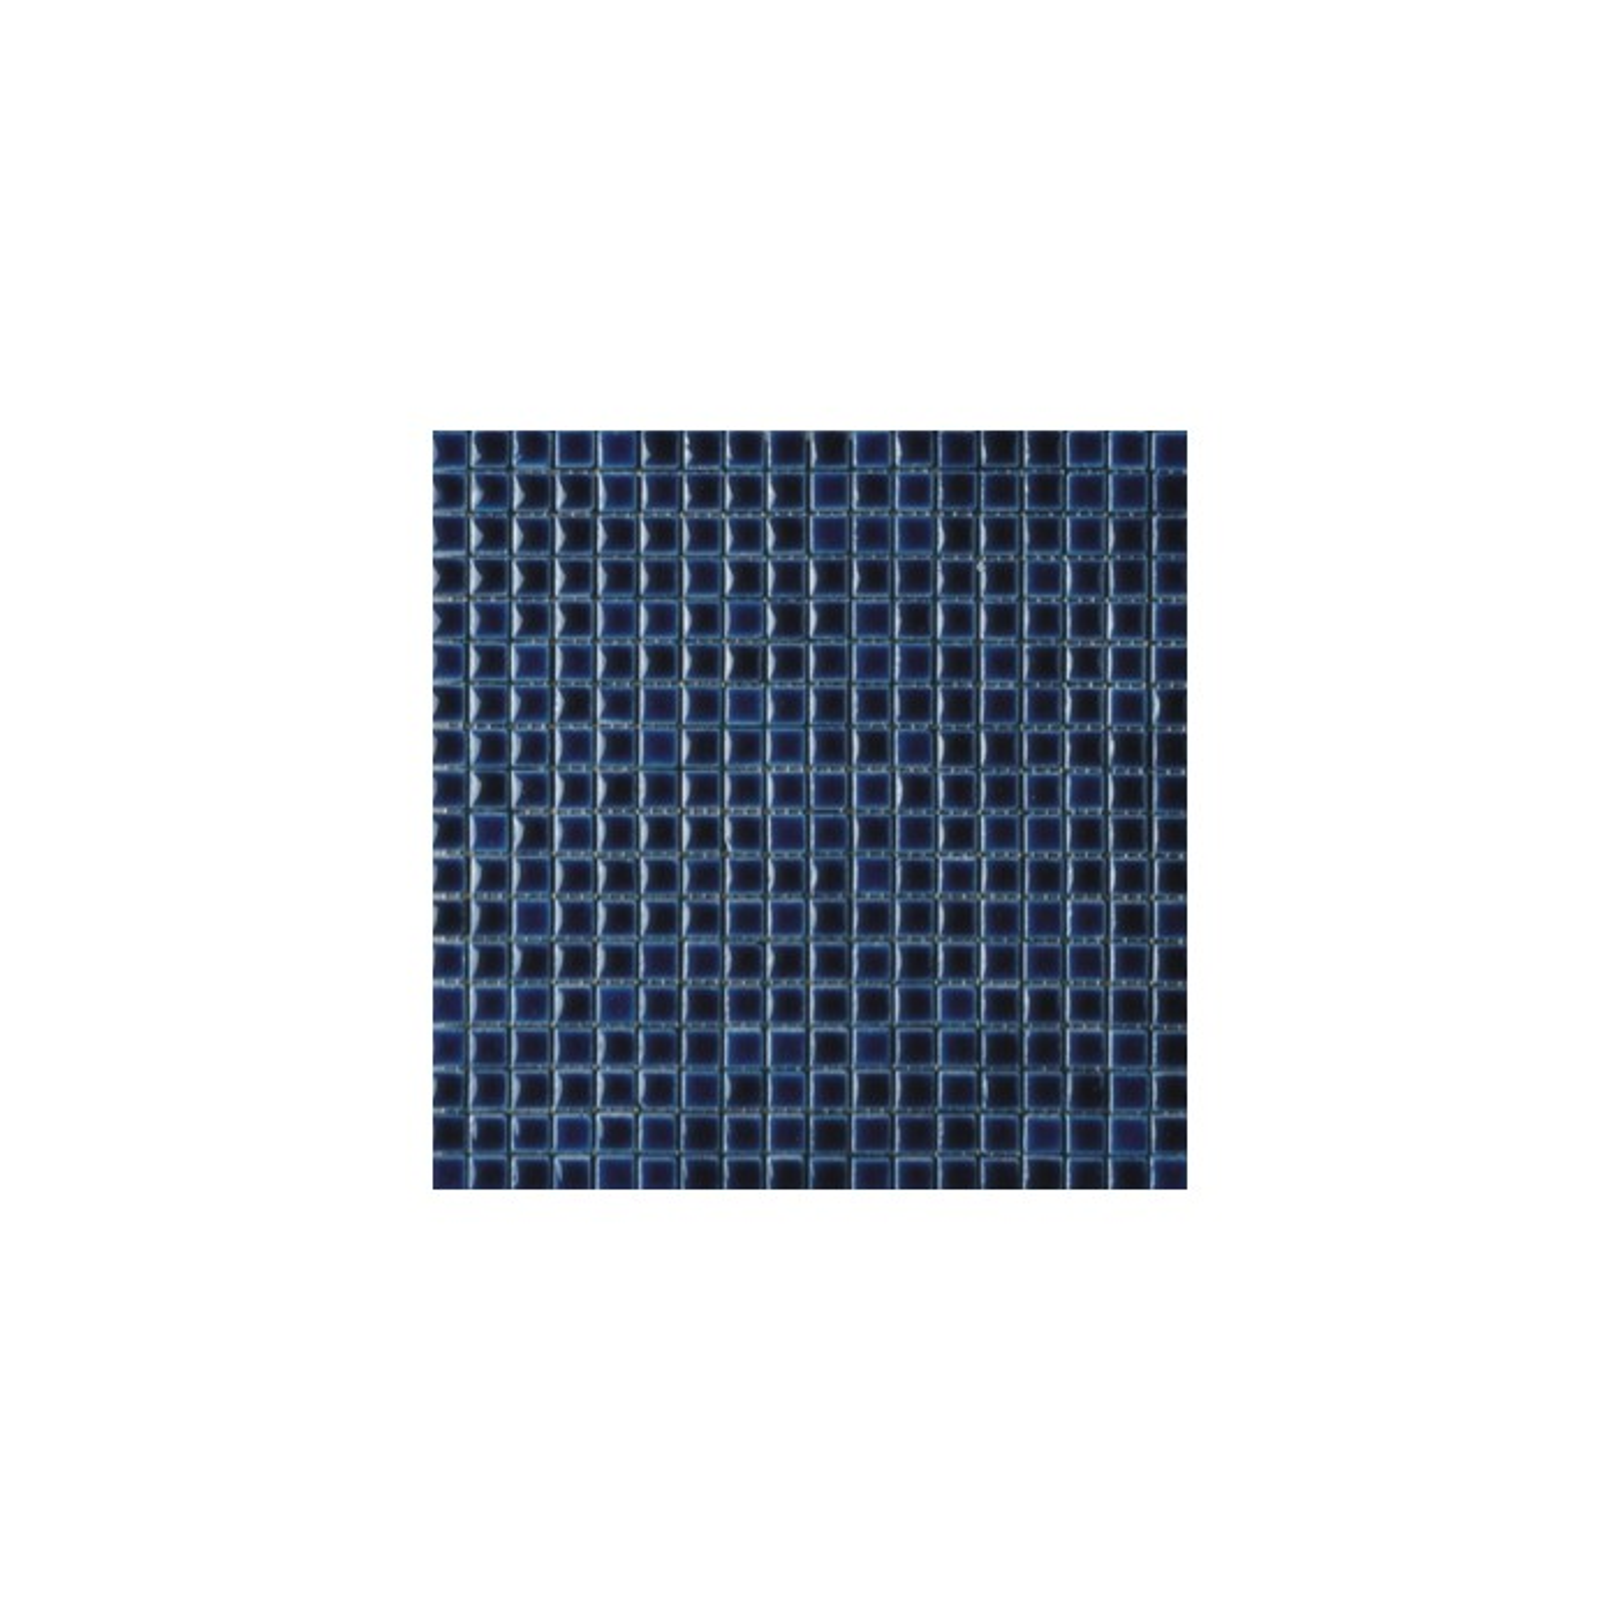 Mosaïque lave émaillée Azul Dark, 1,5x1,5cm sur trame 29,6x29,6cml